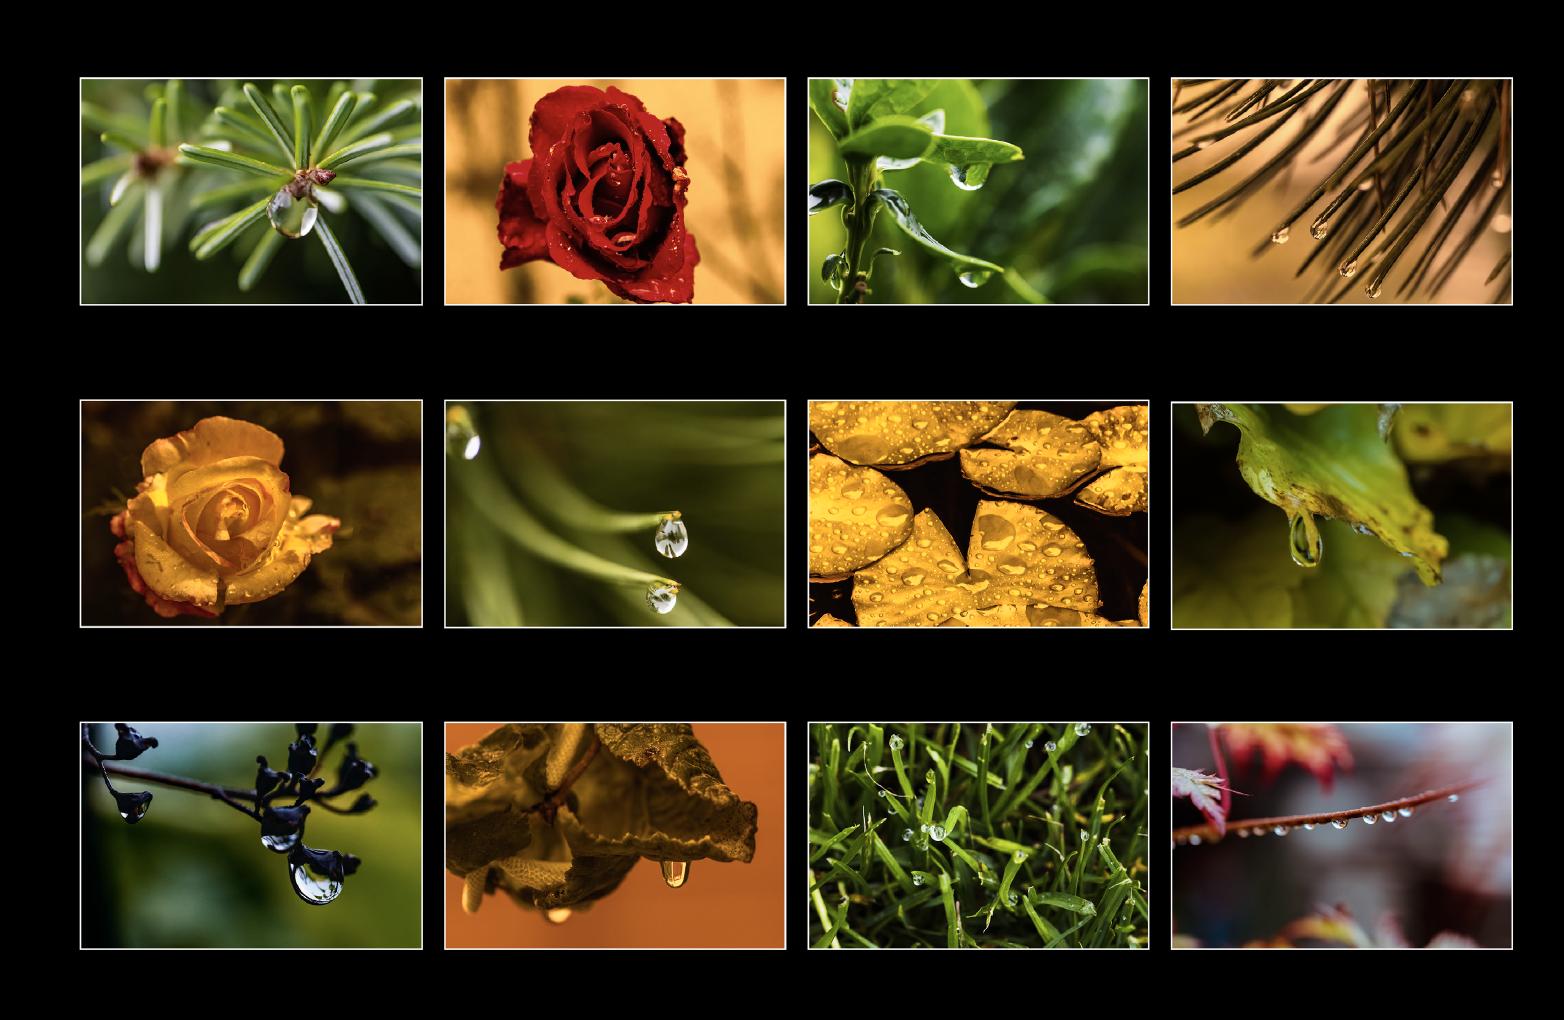 Bildschirmfoto 2019-02-15 um 16.42.48.png